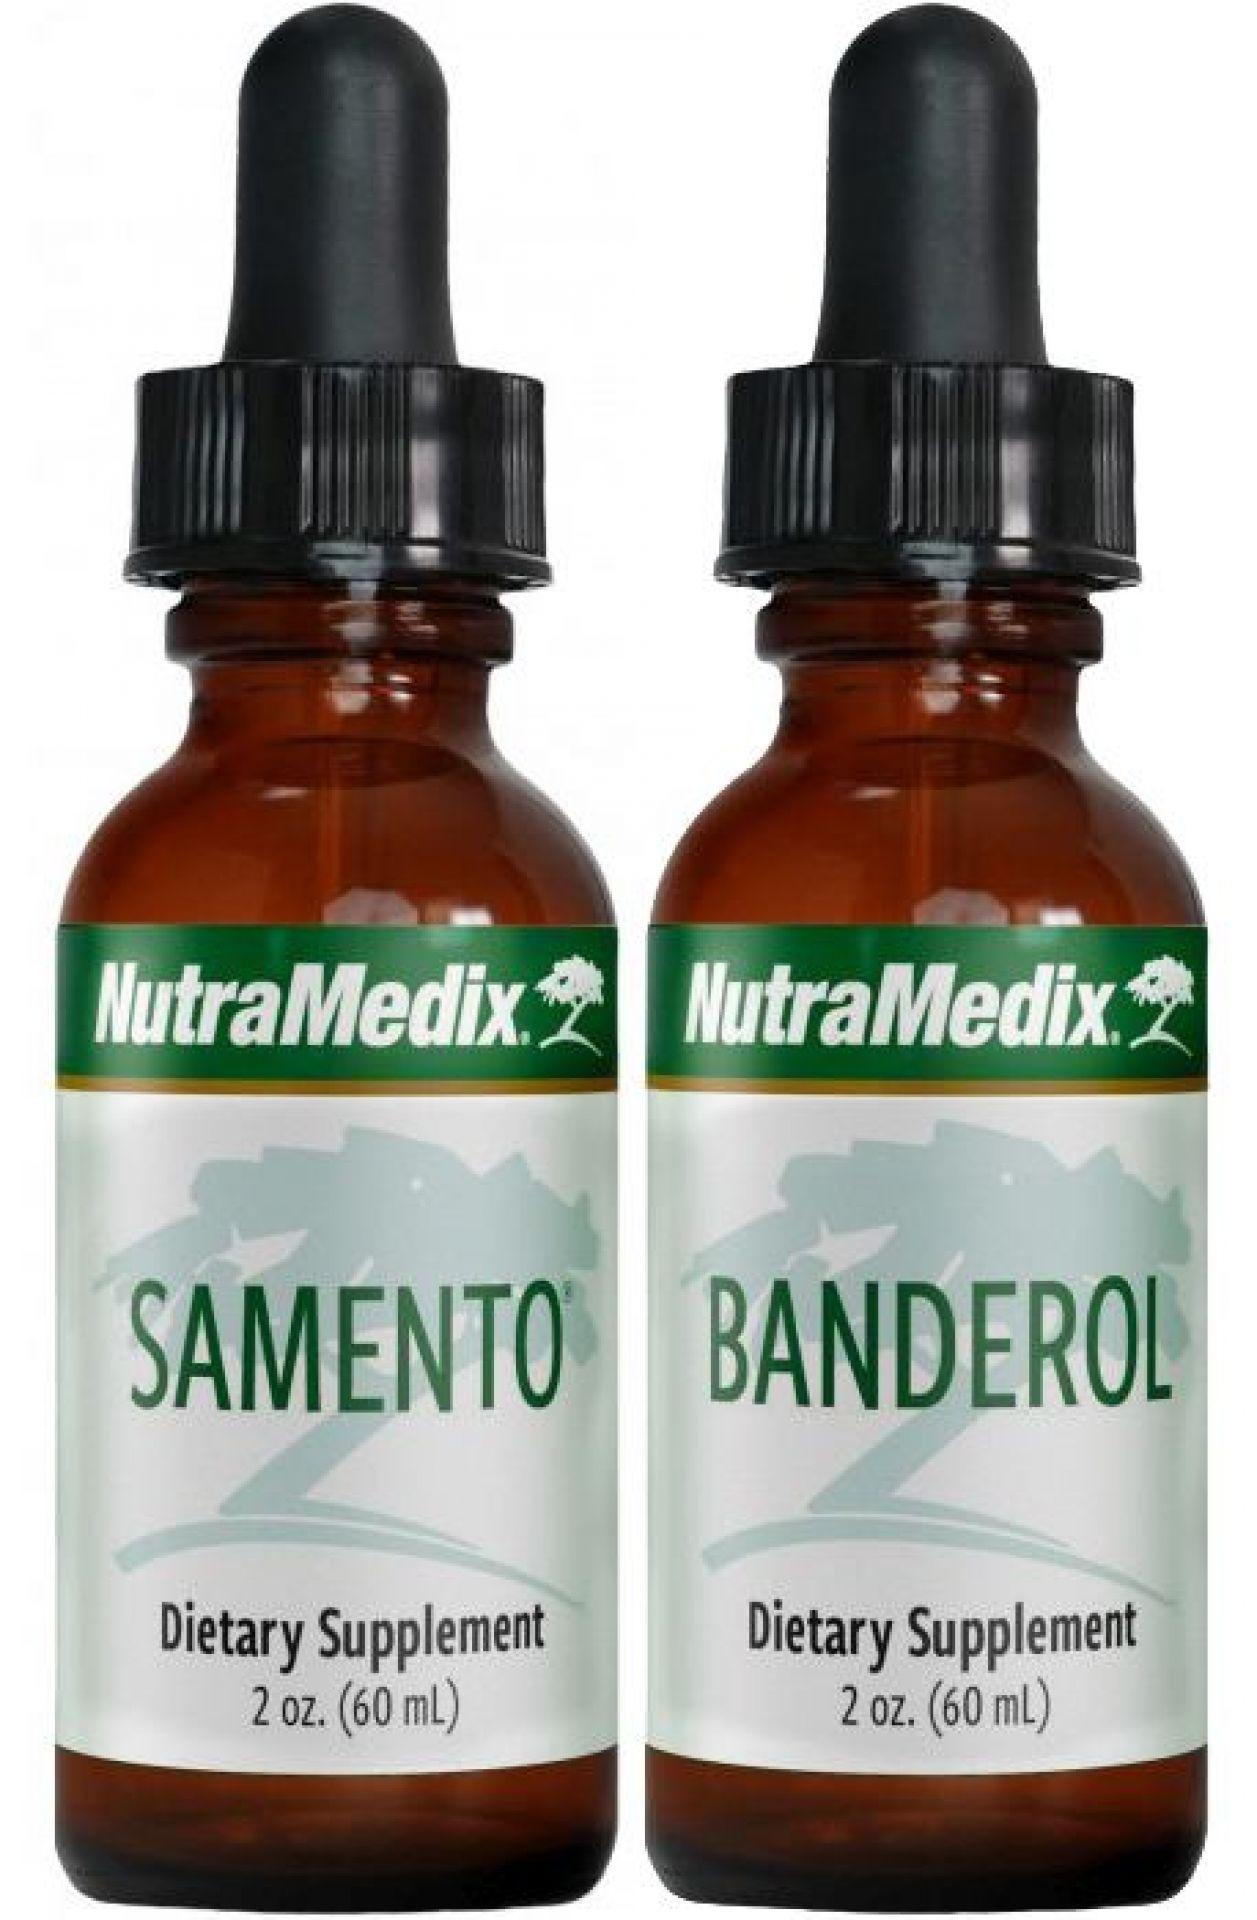 Samento & Banderol - Unser starkes Paar